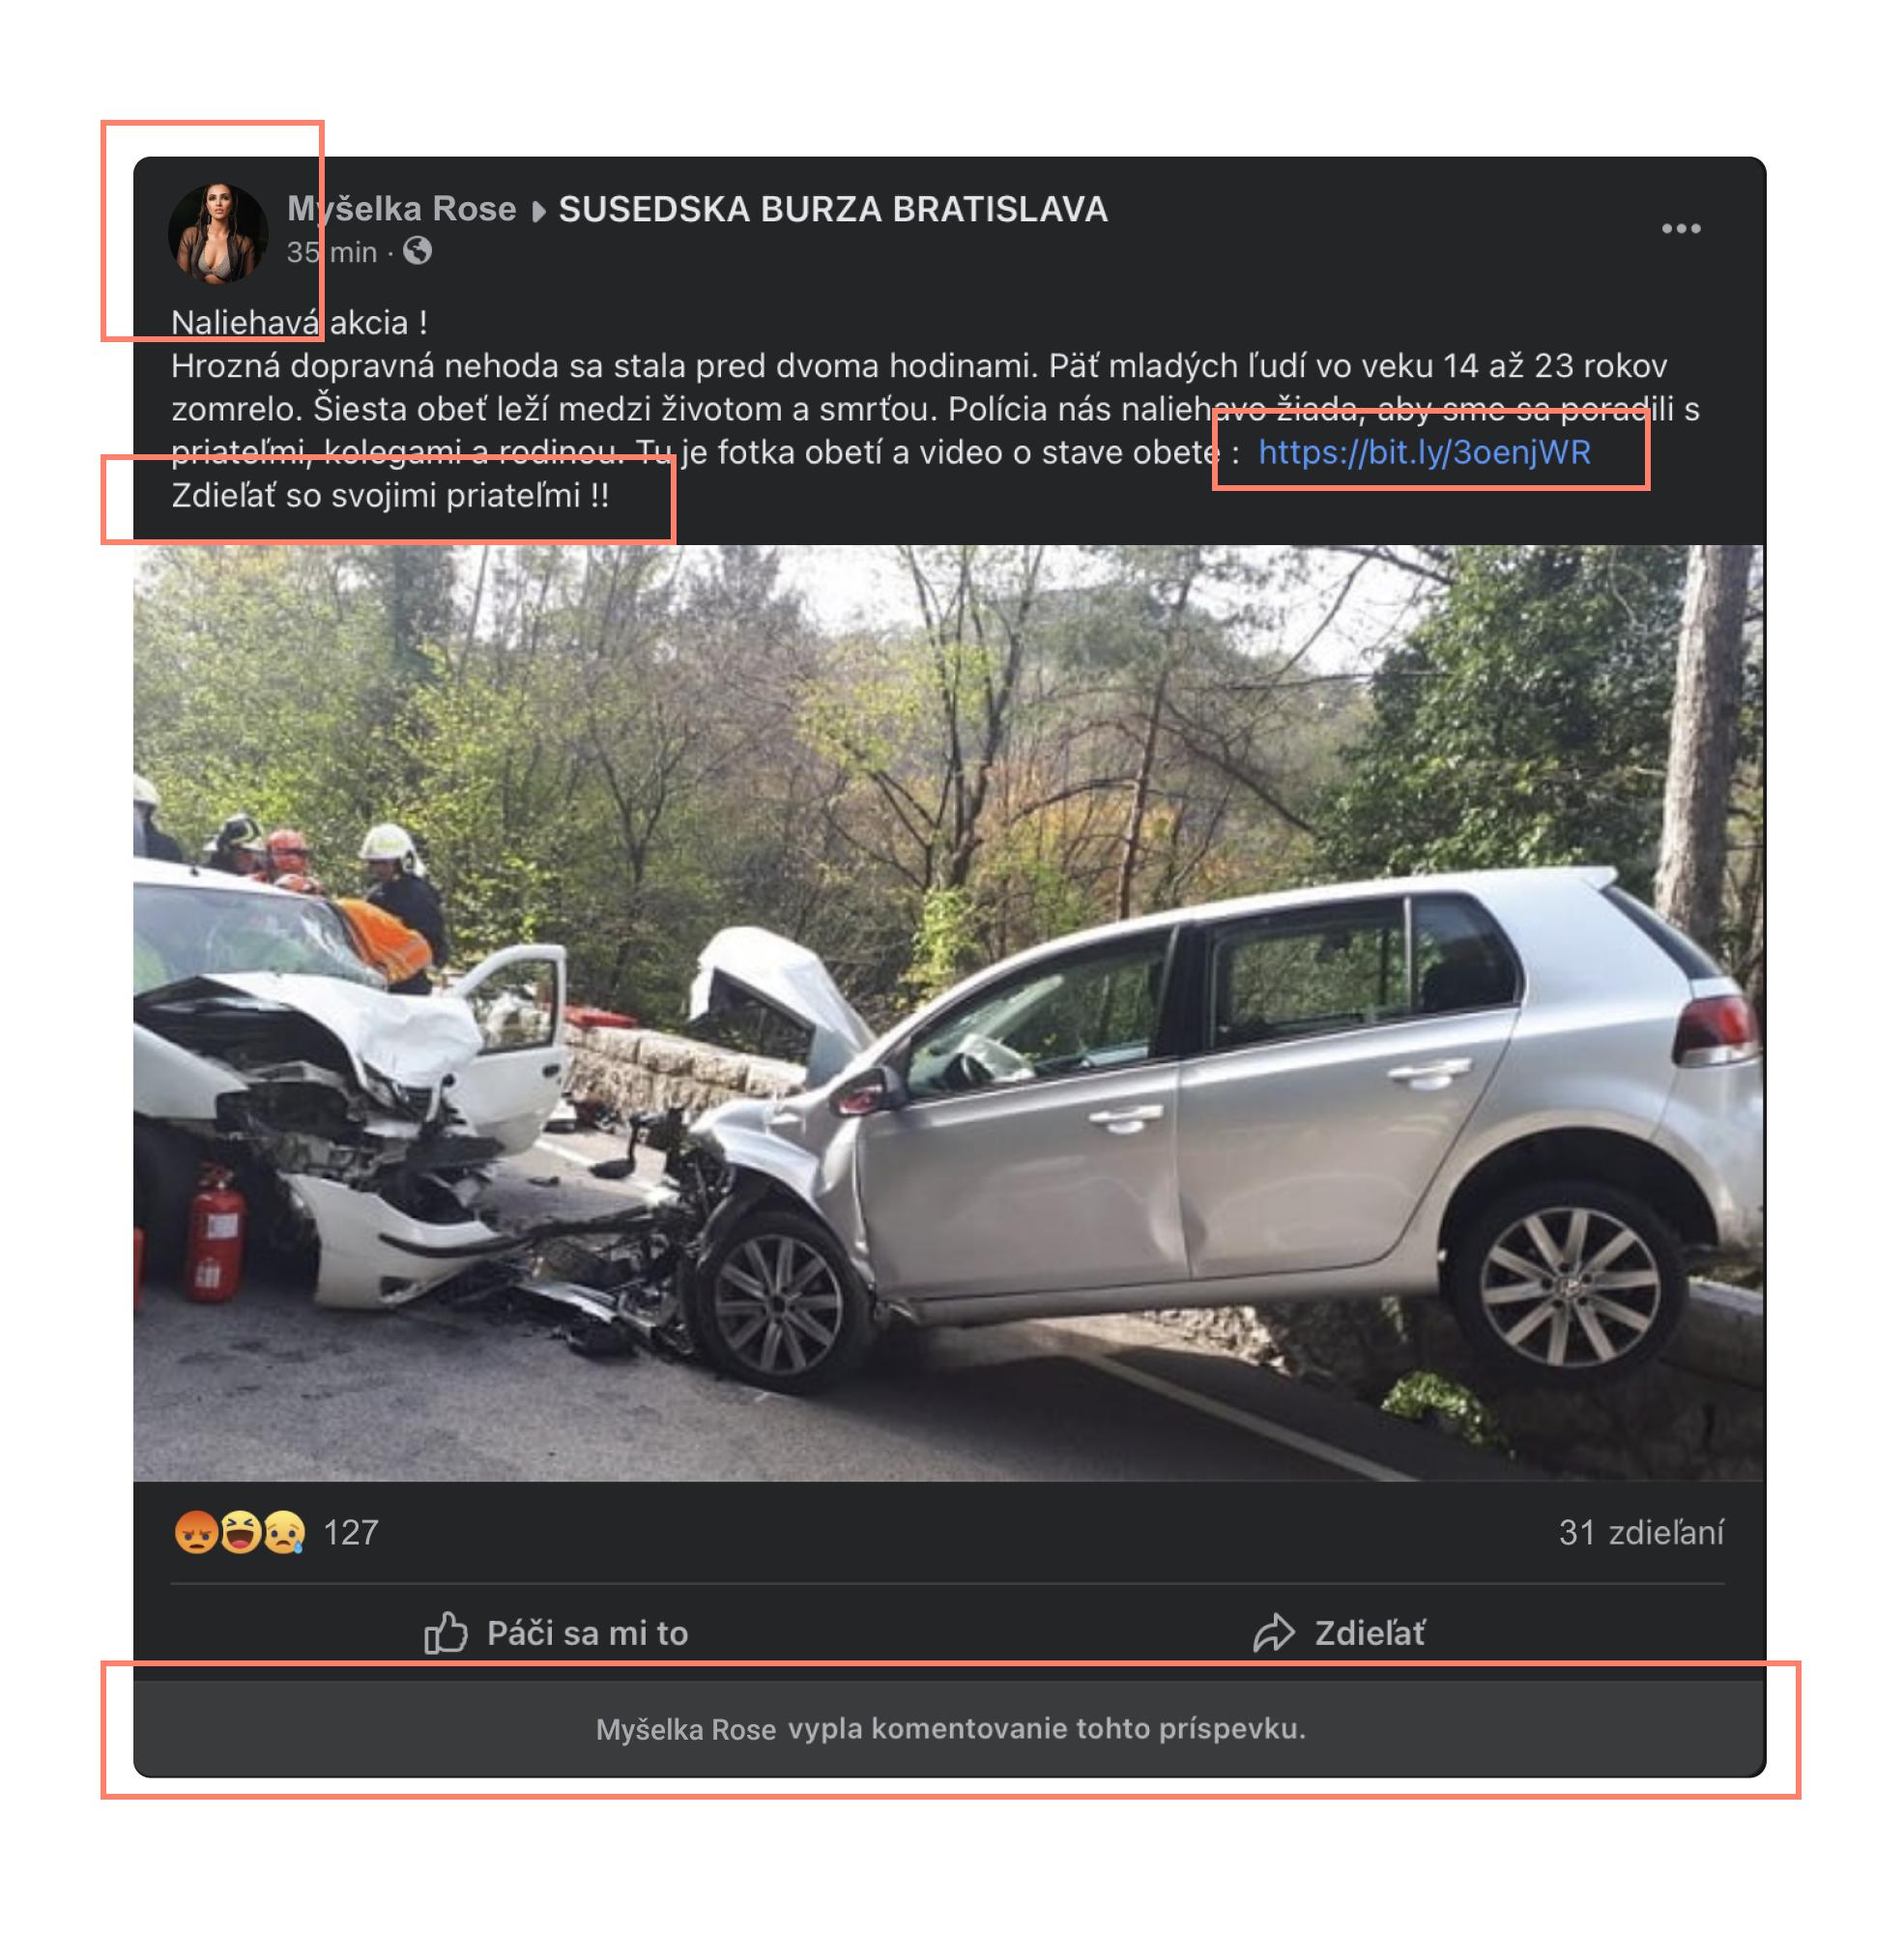 Falošný príspevok o autonehode - indície